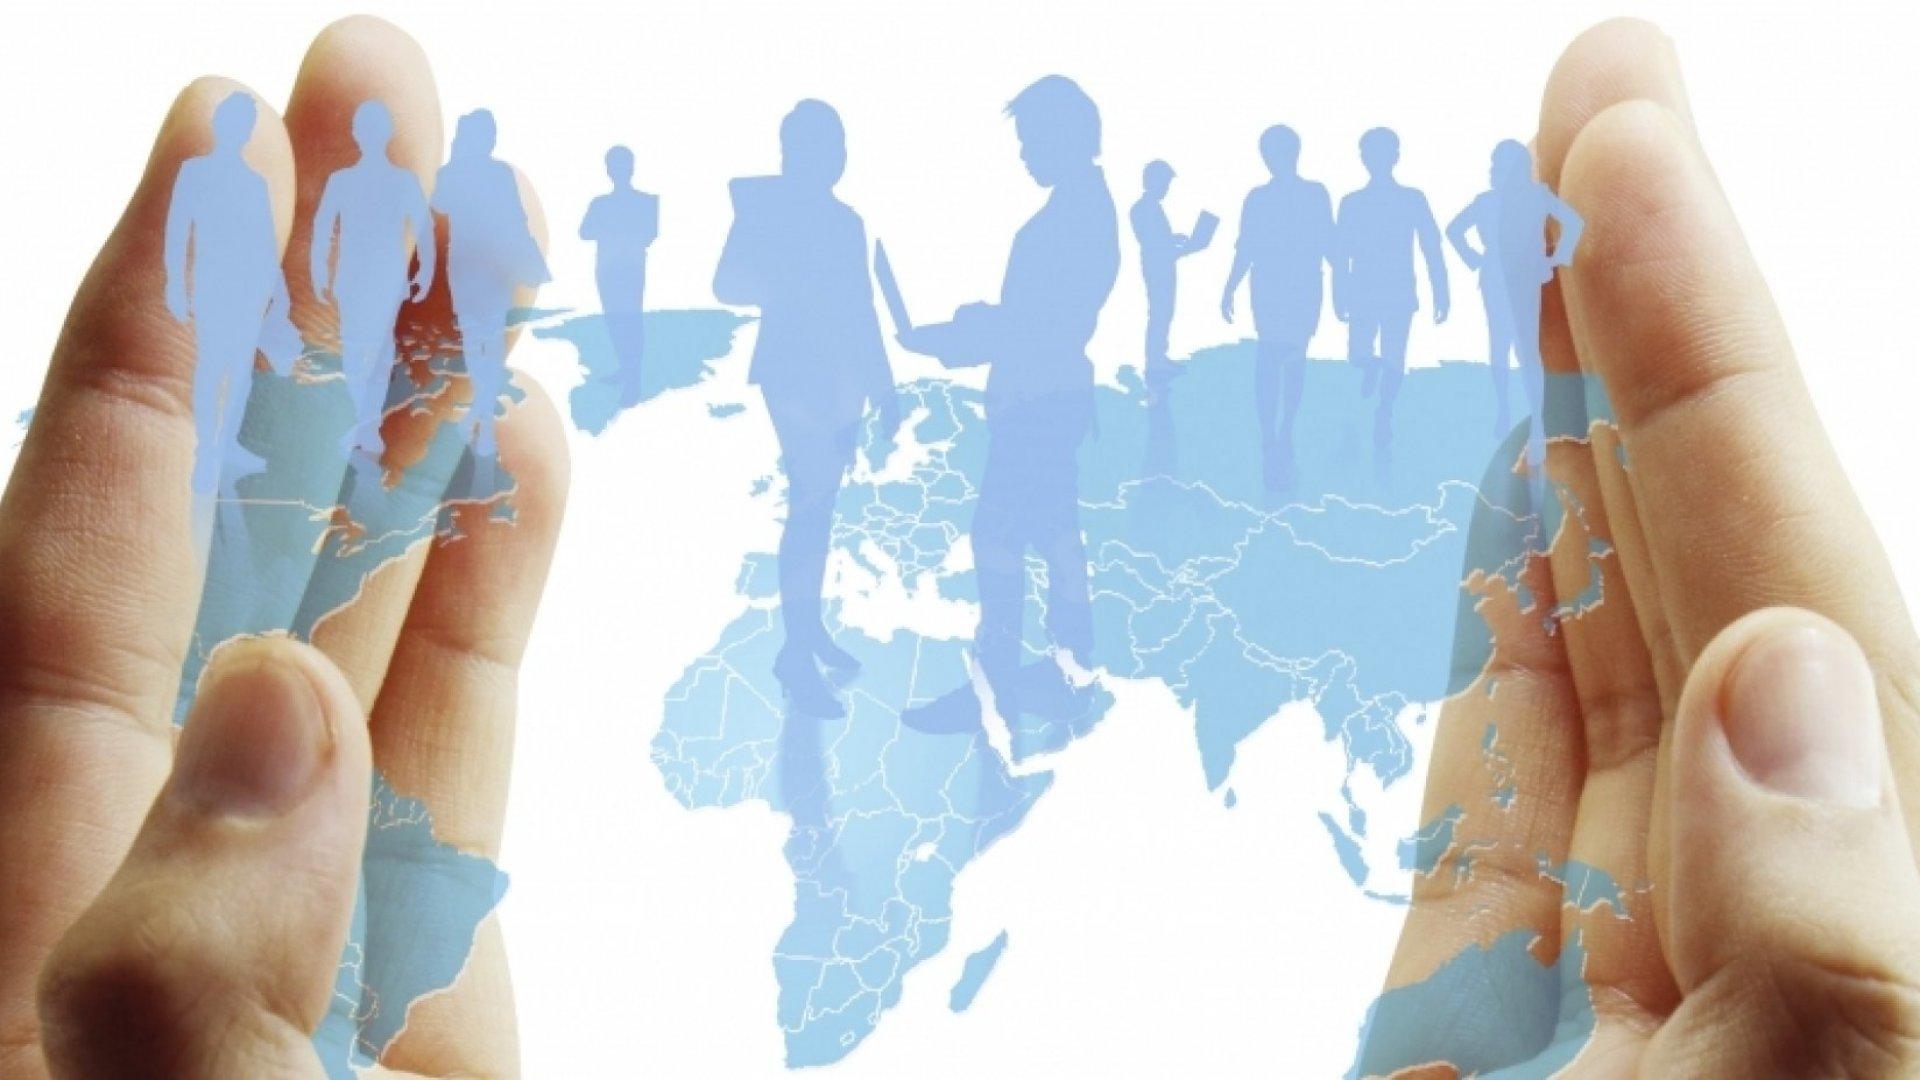 6 Questions to Ask a Job Applicant to Ensure a Cultural Fit